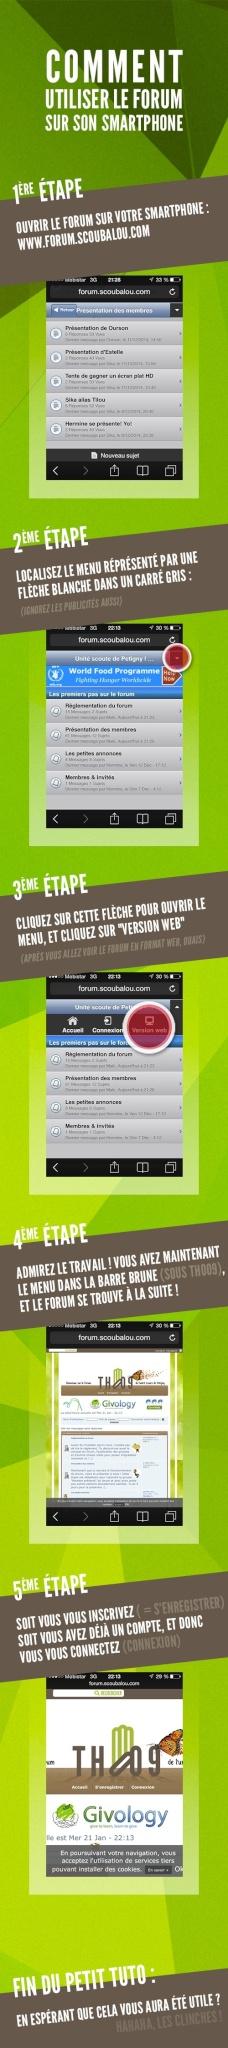 Utiliser le forum sur son smartphone, comment ? Tuto-f10